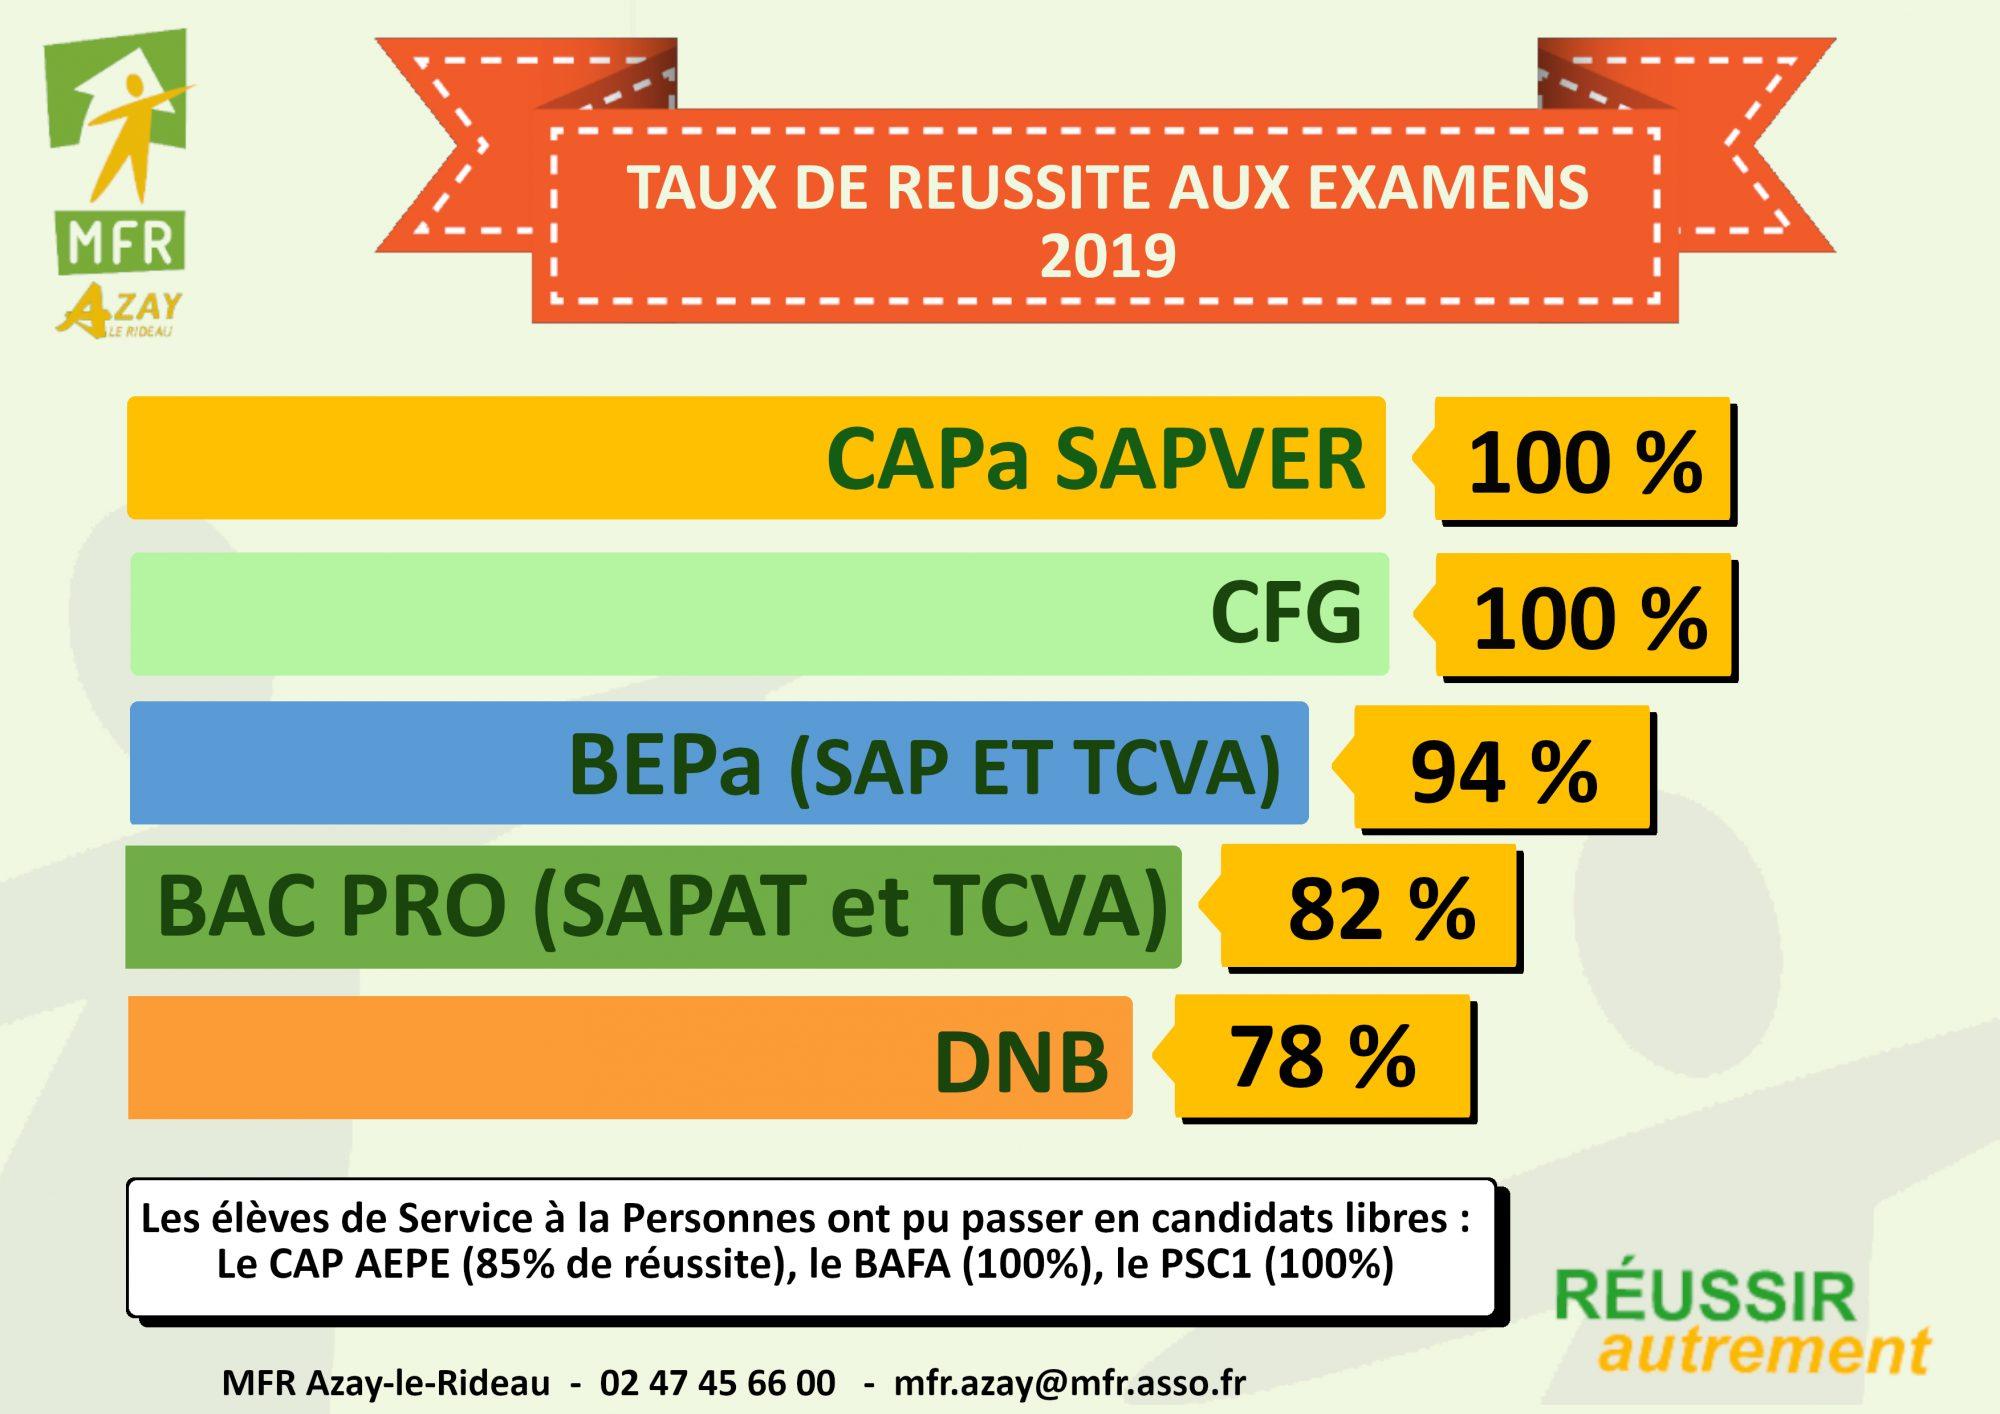 Synthèse des résultats aux examens 2019 à la MFR d'Azay